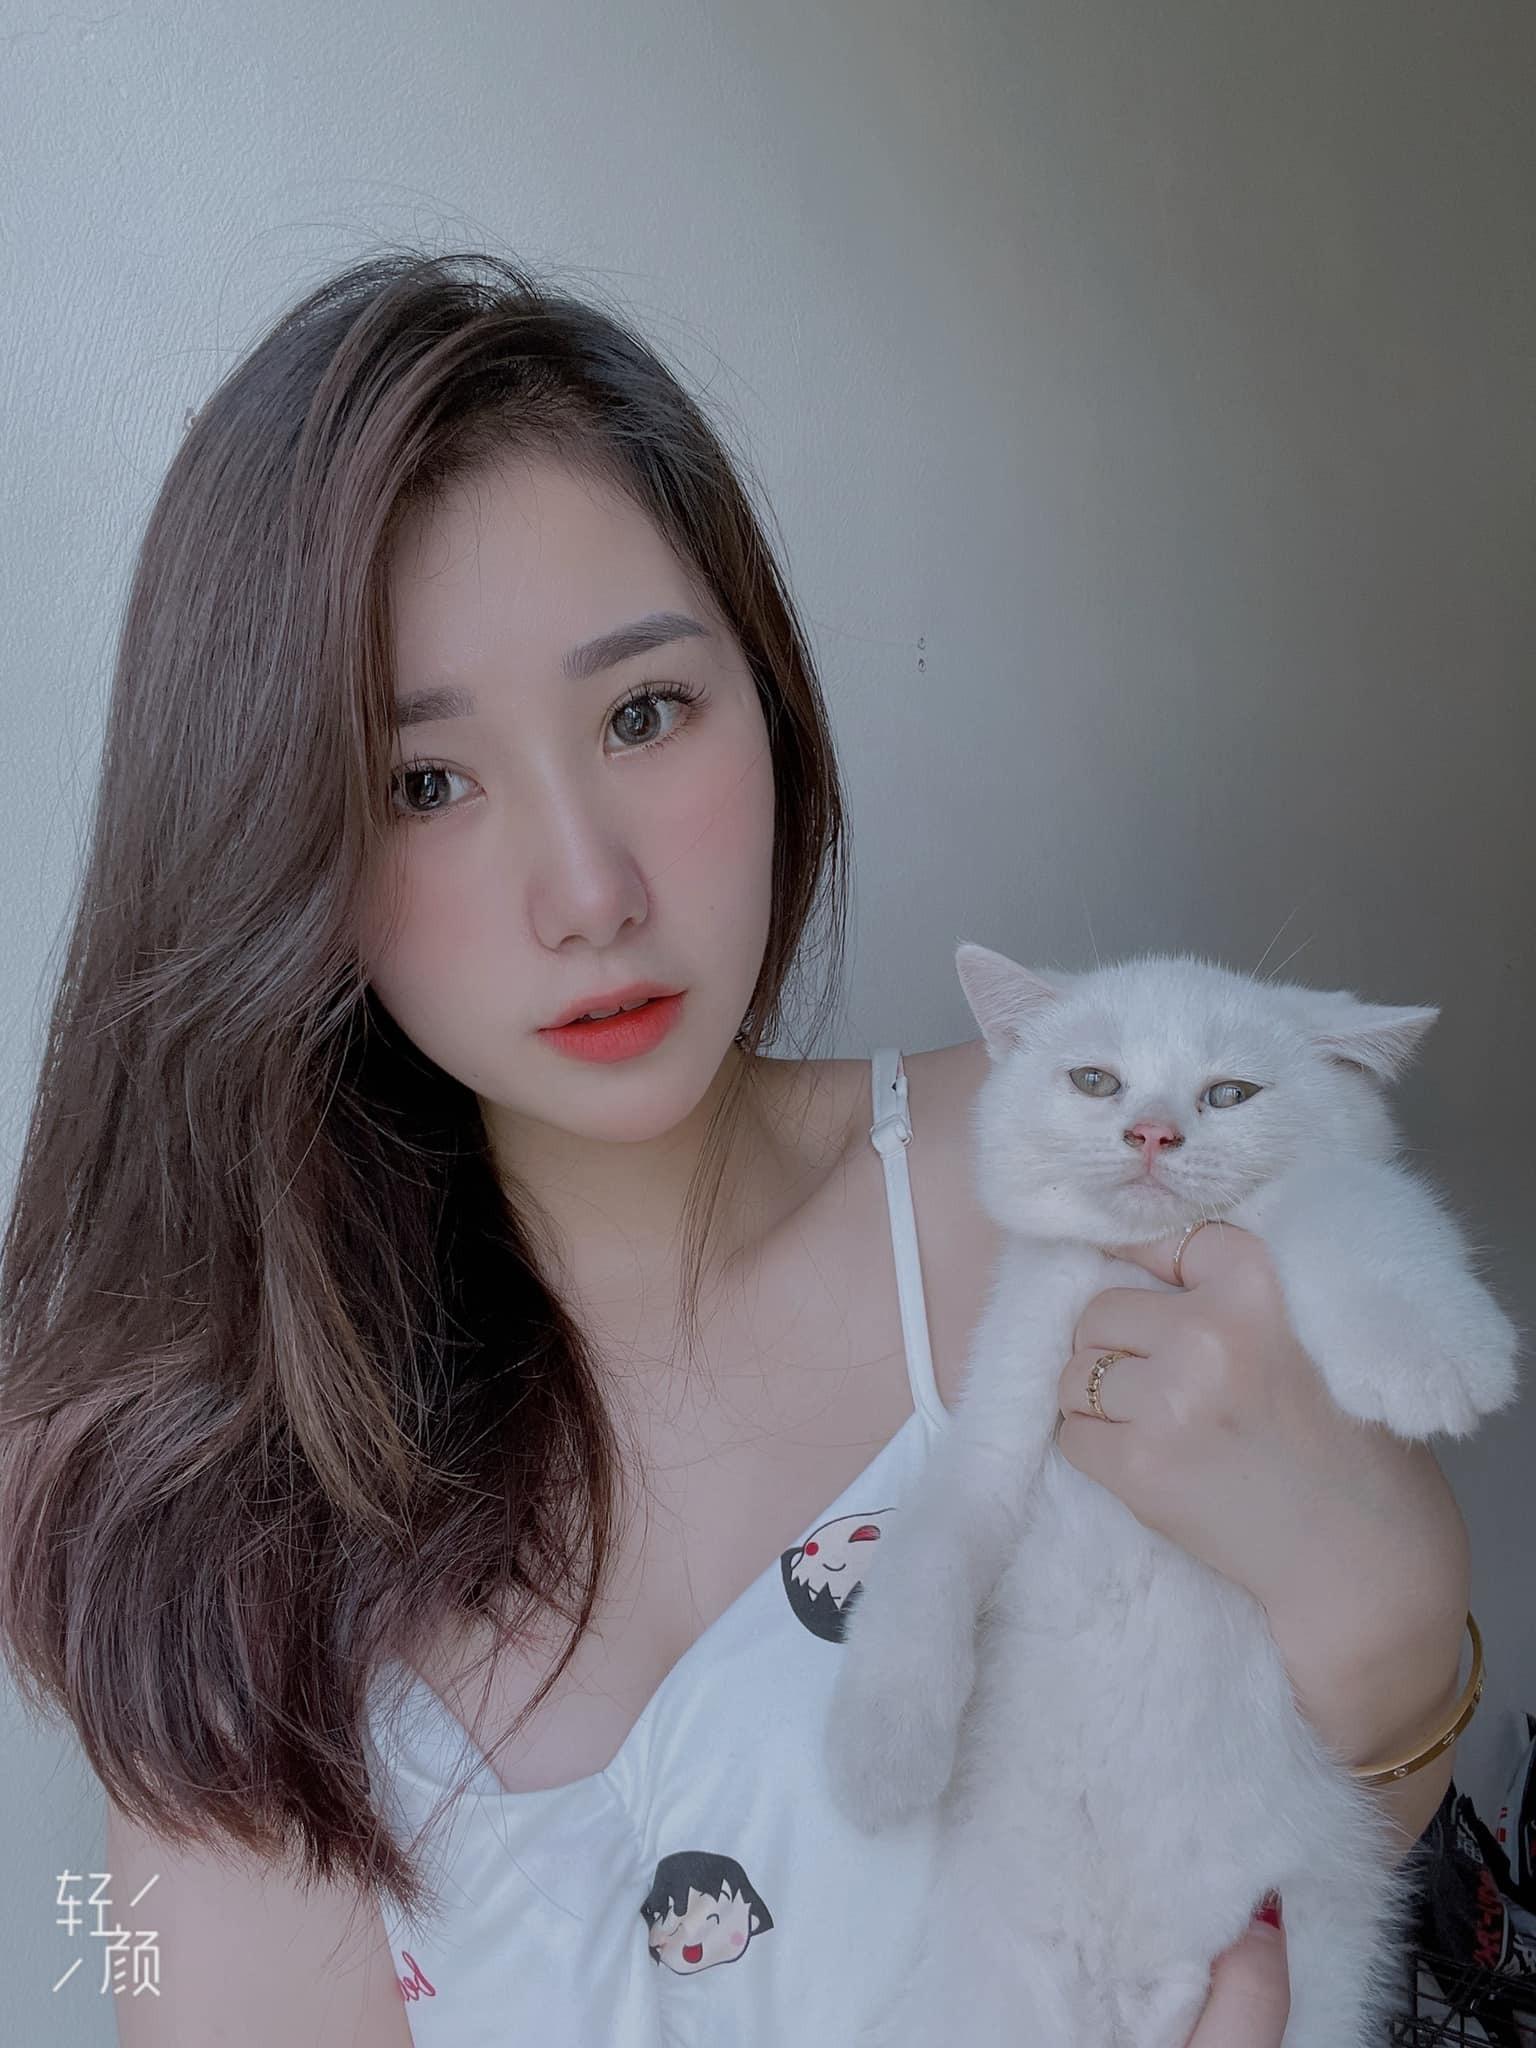 Nhan sắc hot girl Tiểu Hý - 3